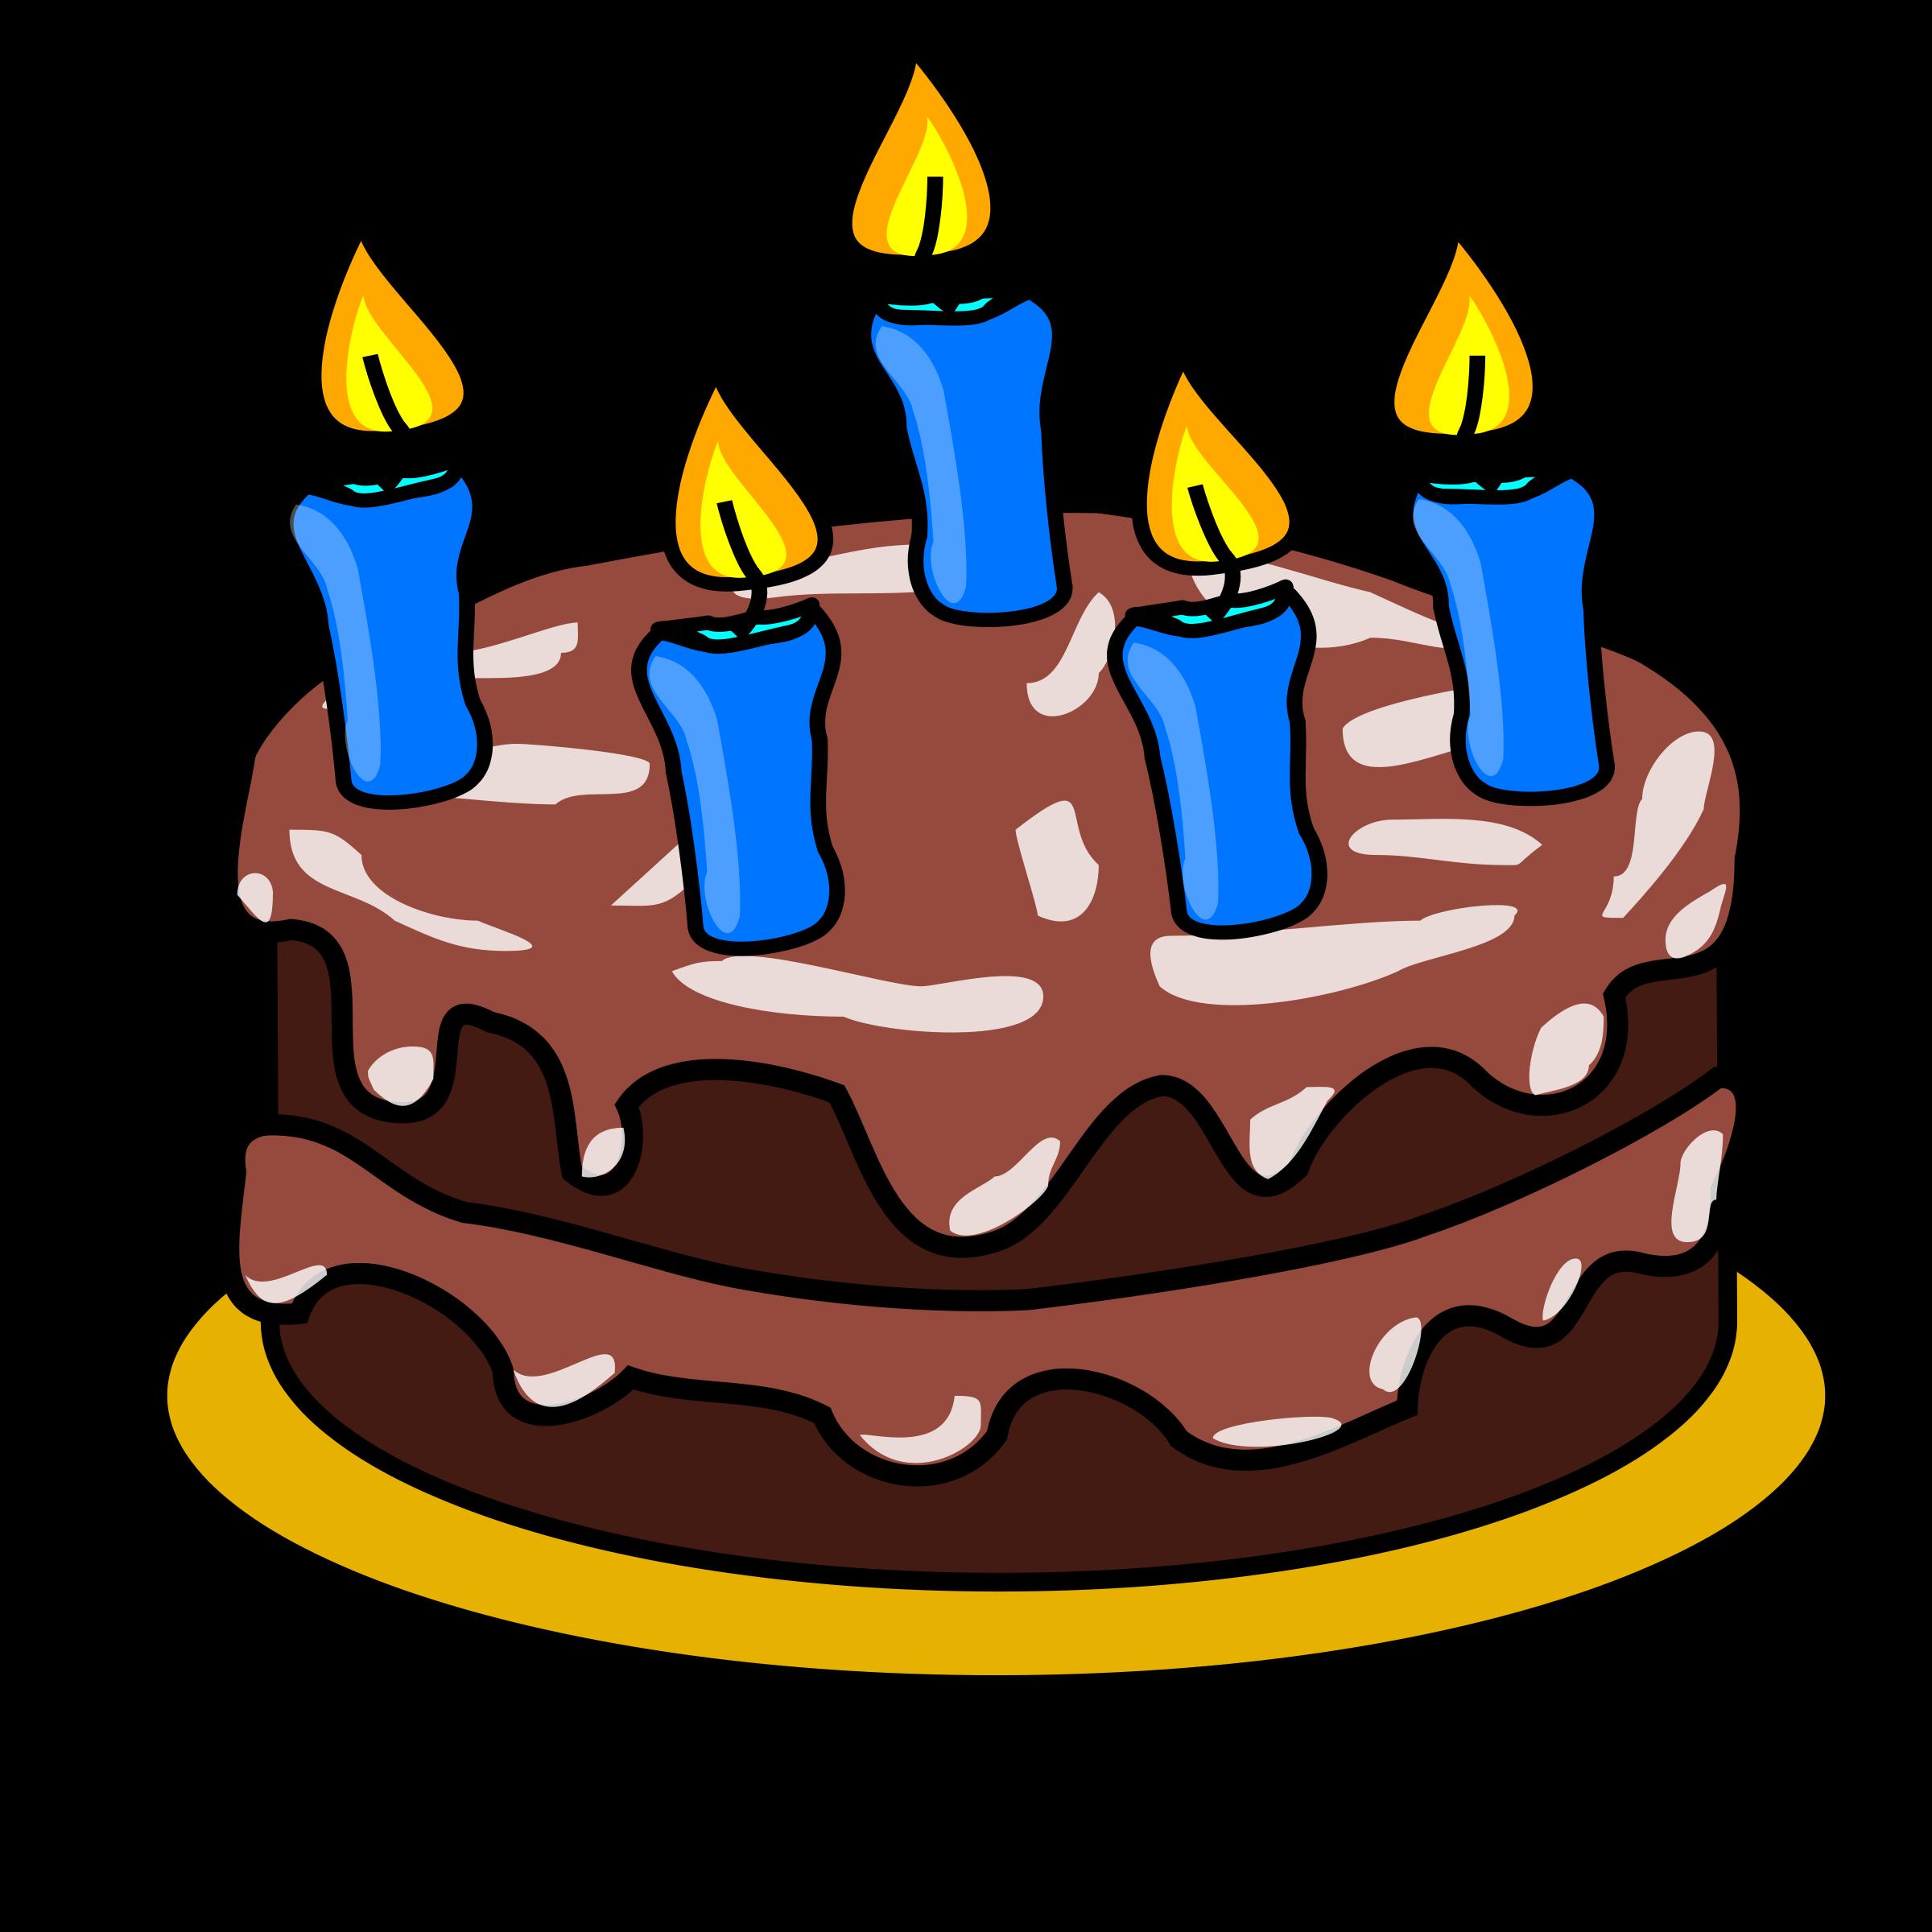 birthday cake clipart clipart panda free clipart images clip art birthday cake with candles clip art birthday cake animated